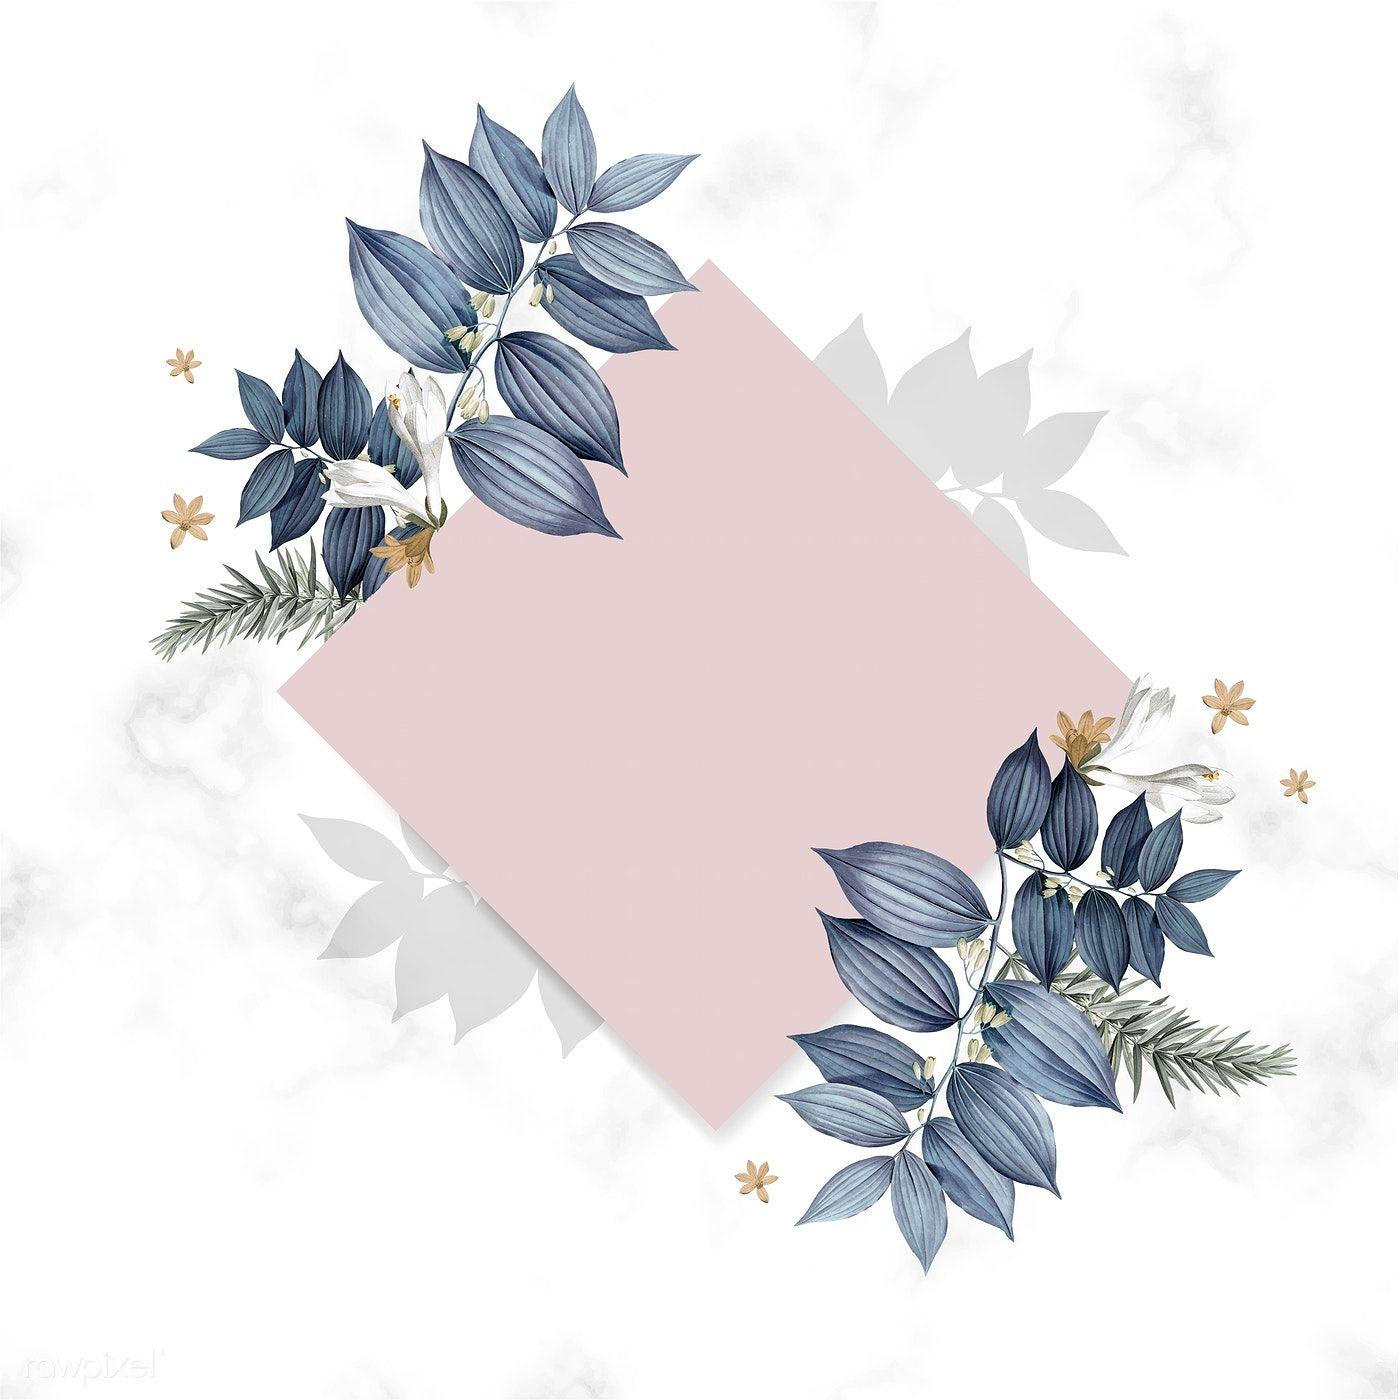 Download Premium Illustration Of Blue Floral Blank Square Card Design Card Design Square Card Floral Border Design